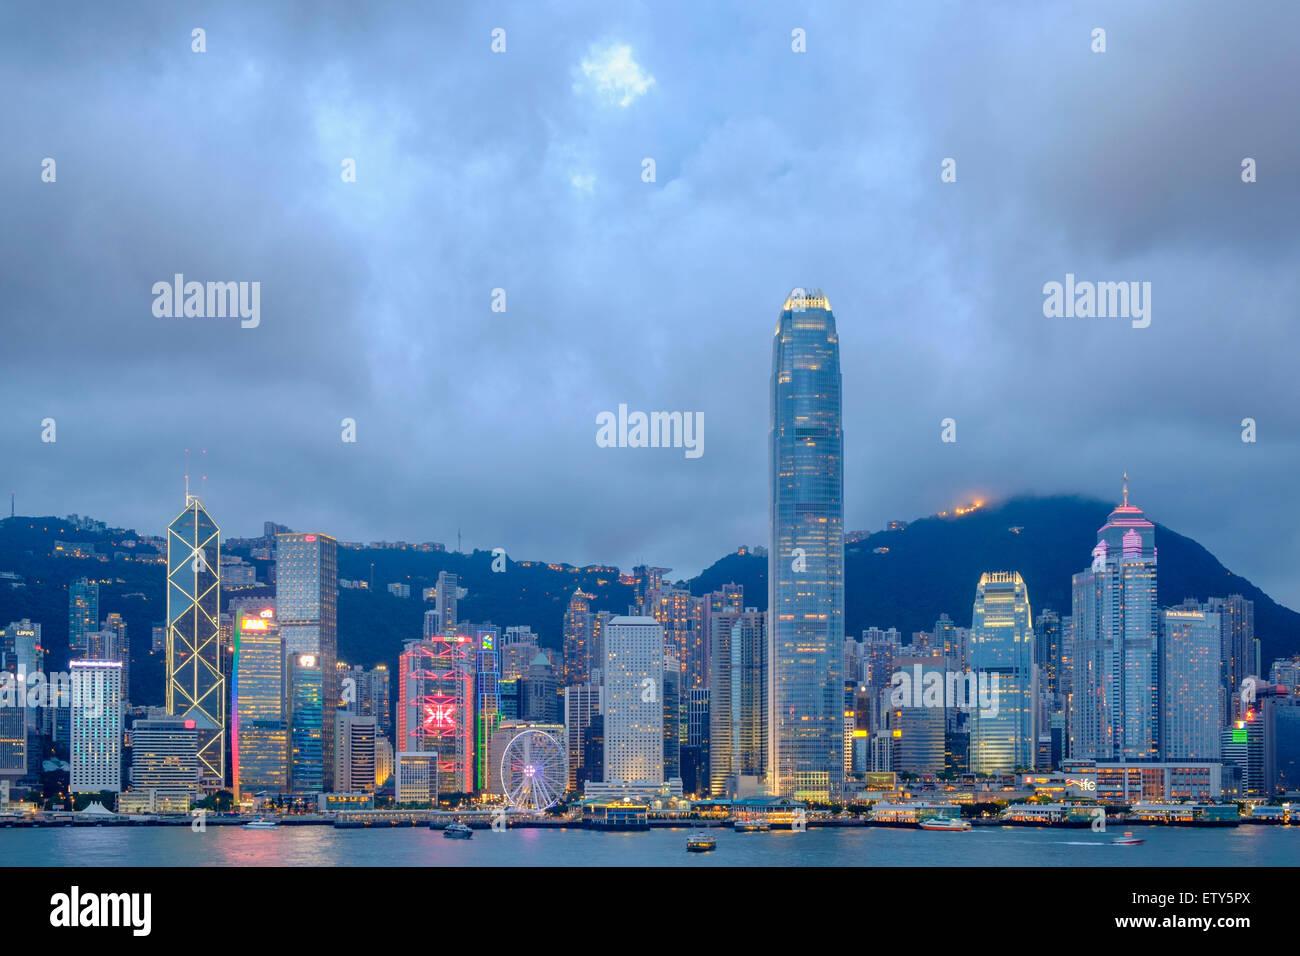 La tombée des toits de gratte-ciel de Hong Kong de Kowloon sur une journée claire Photo Stock